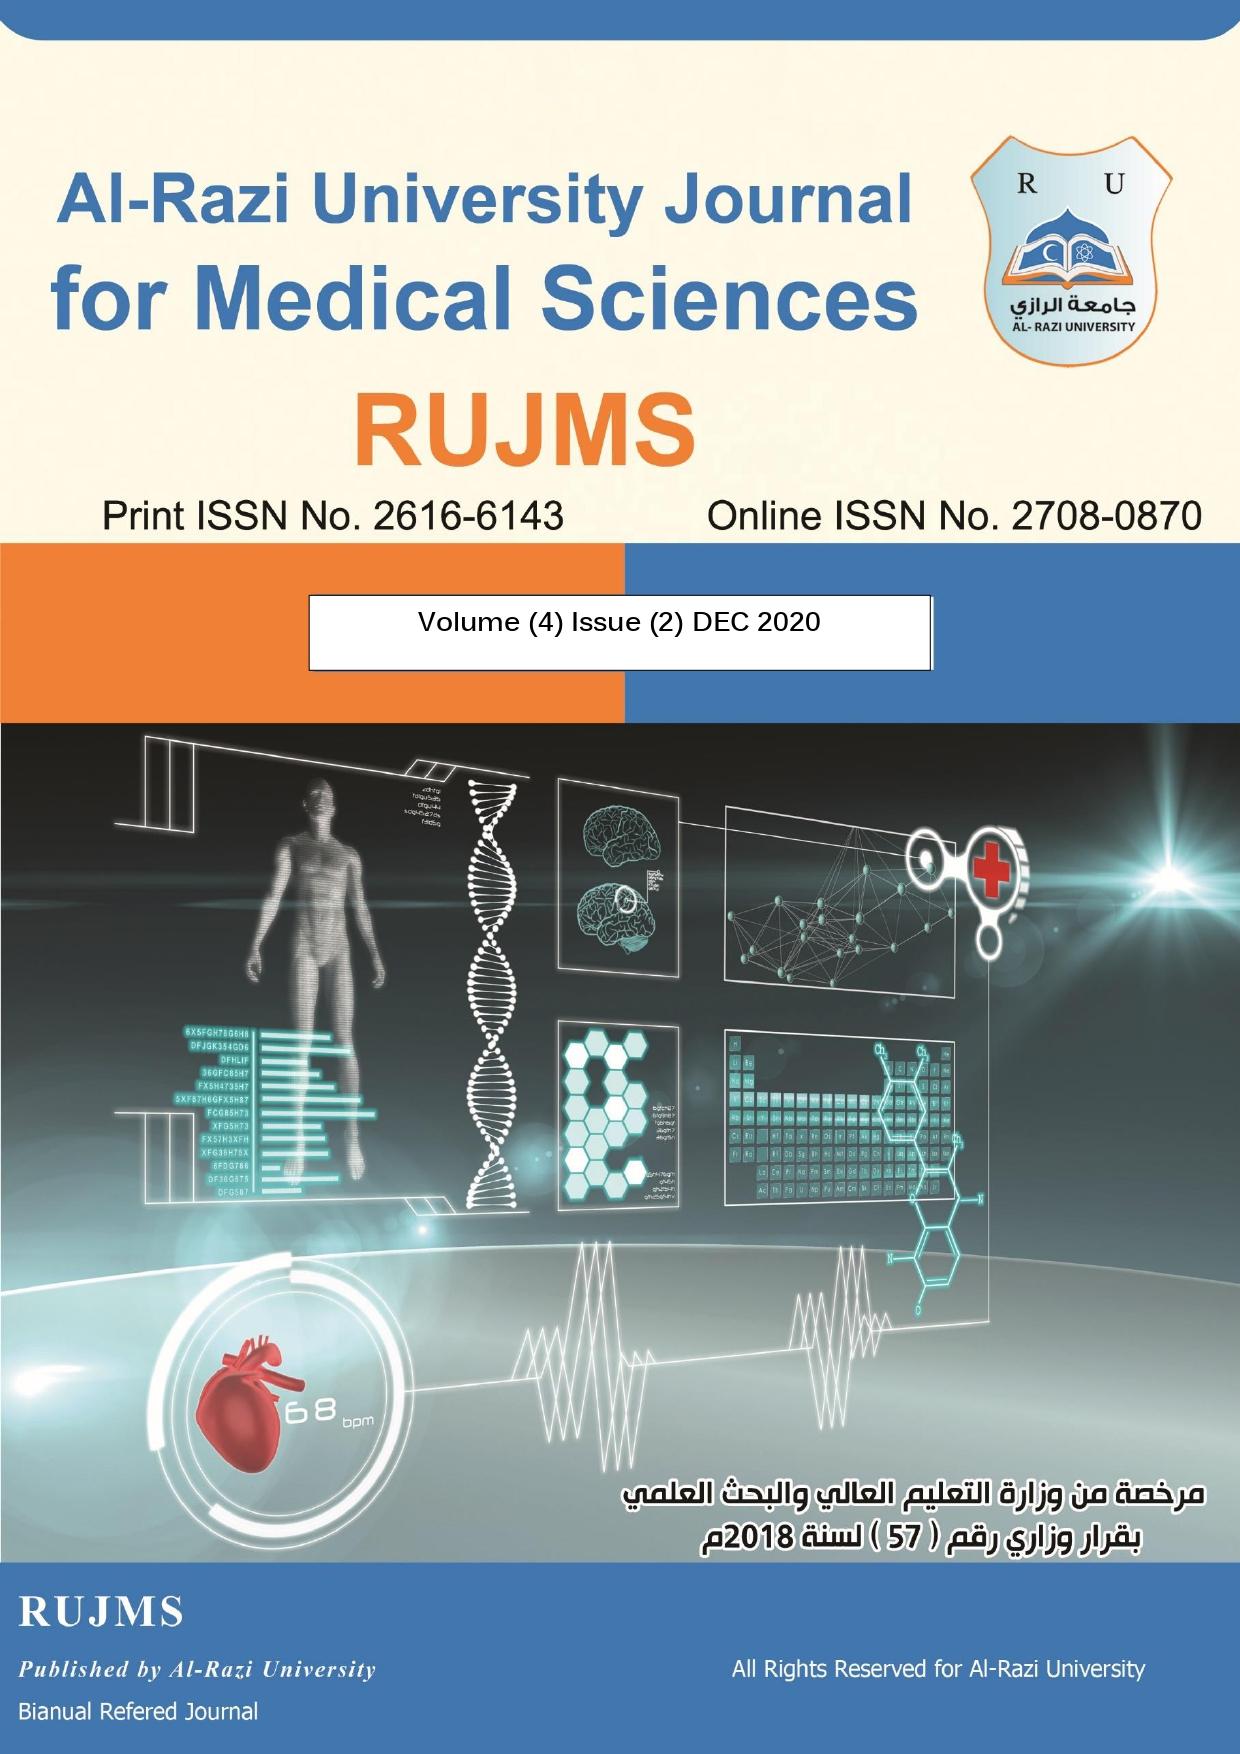 مجلة جامعة الرازي للعلوم الطبية المجلد الرابع العدد الثاني